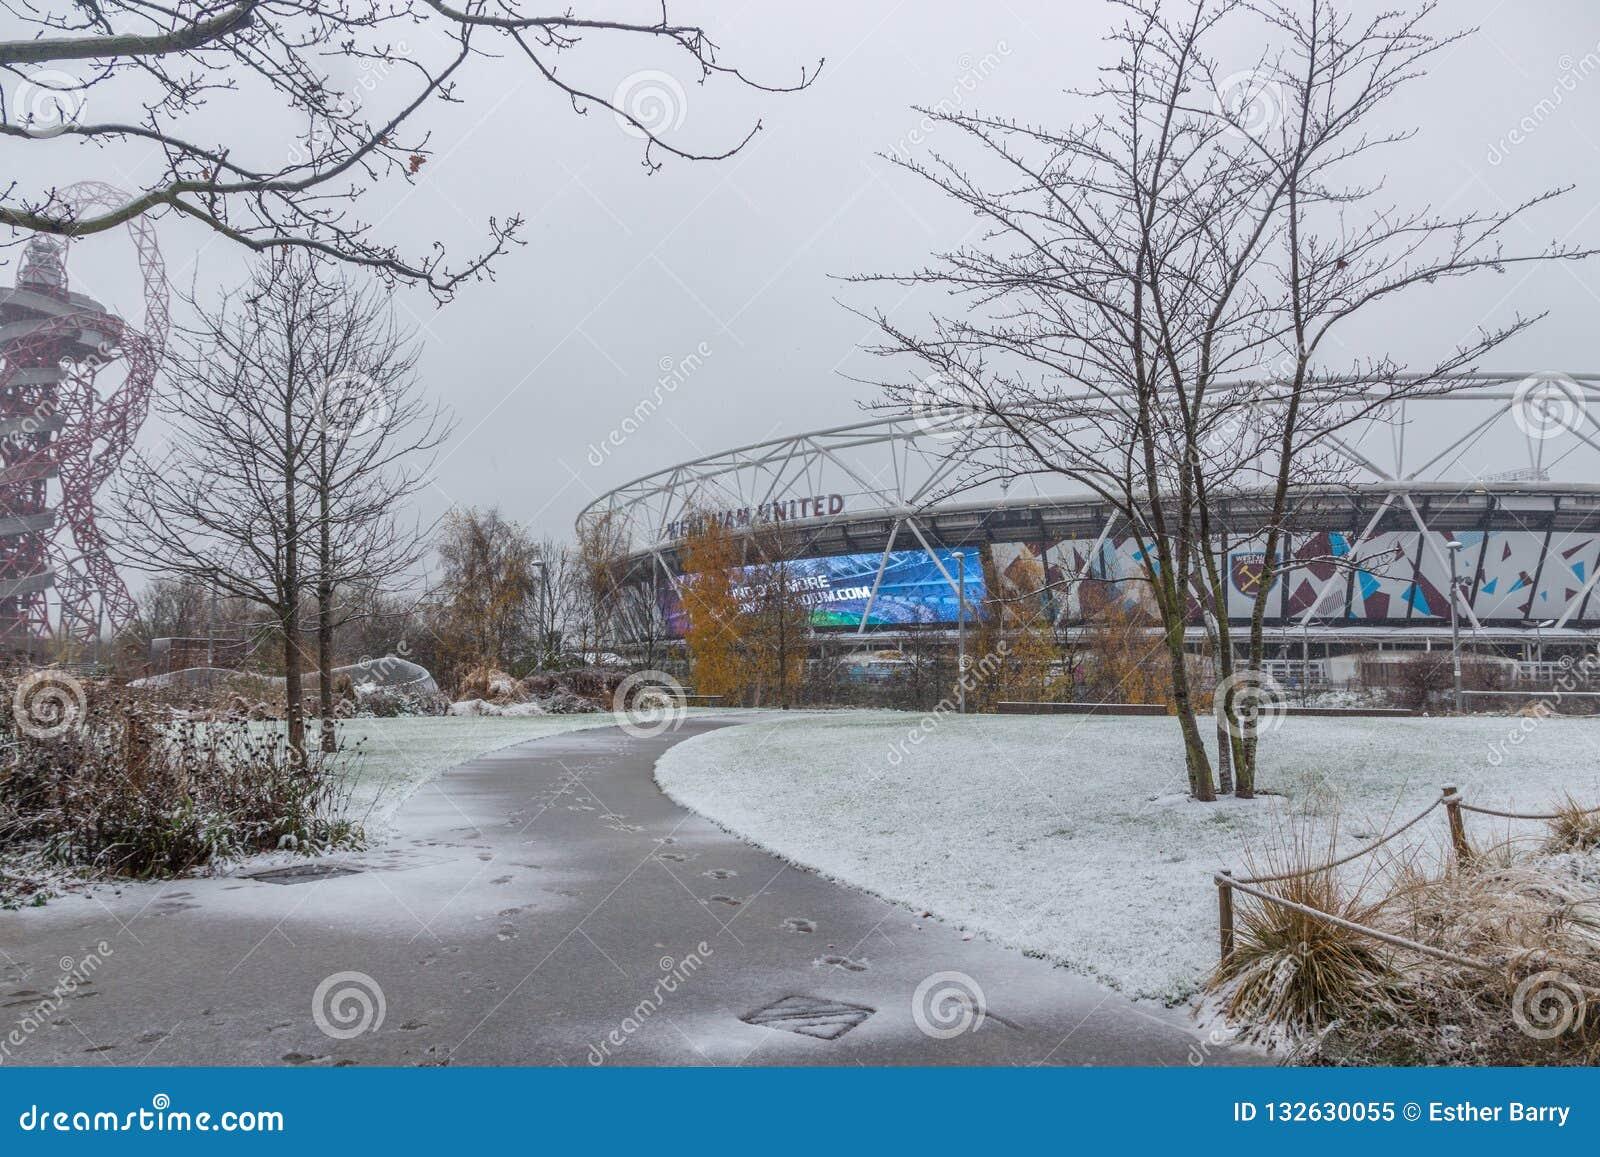 London Stadium in snow, Queen Elizabeth Olympic Park